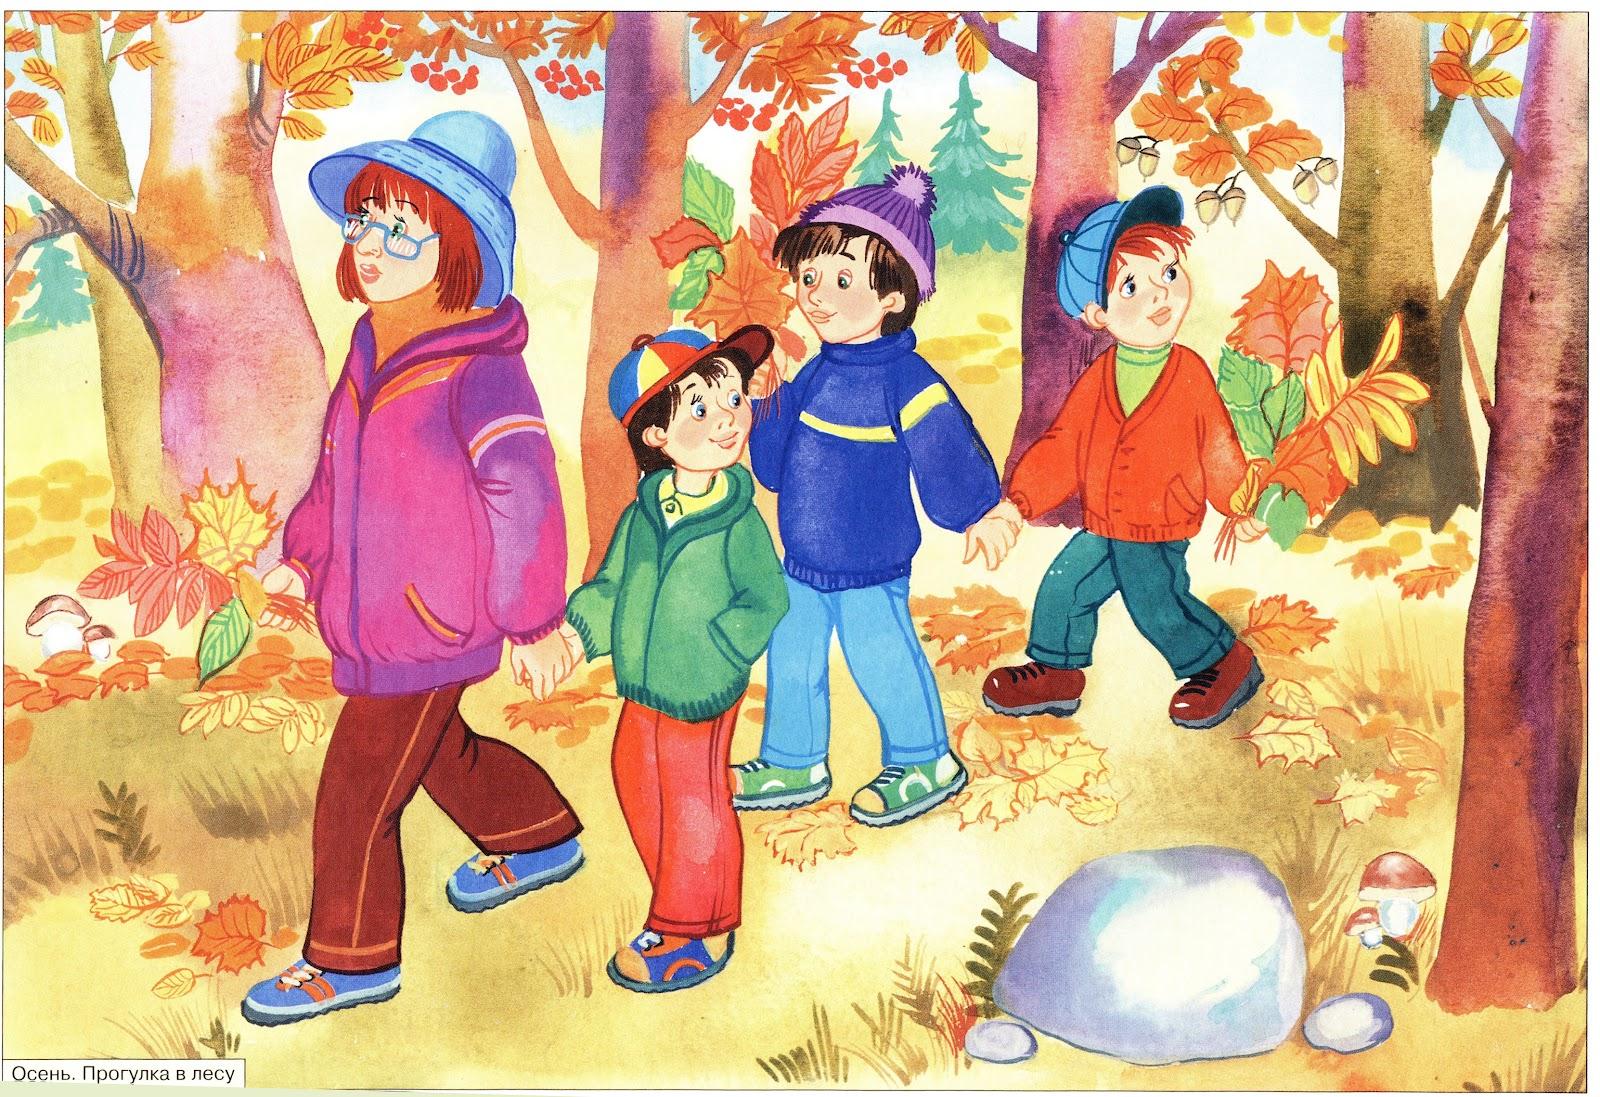 Прикольные картинки, осень картинки для детей дошкольного возраста